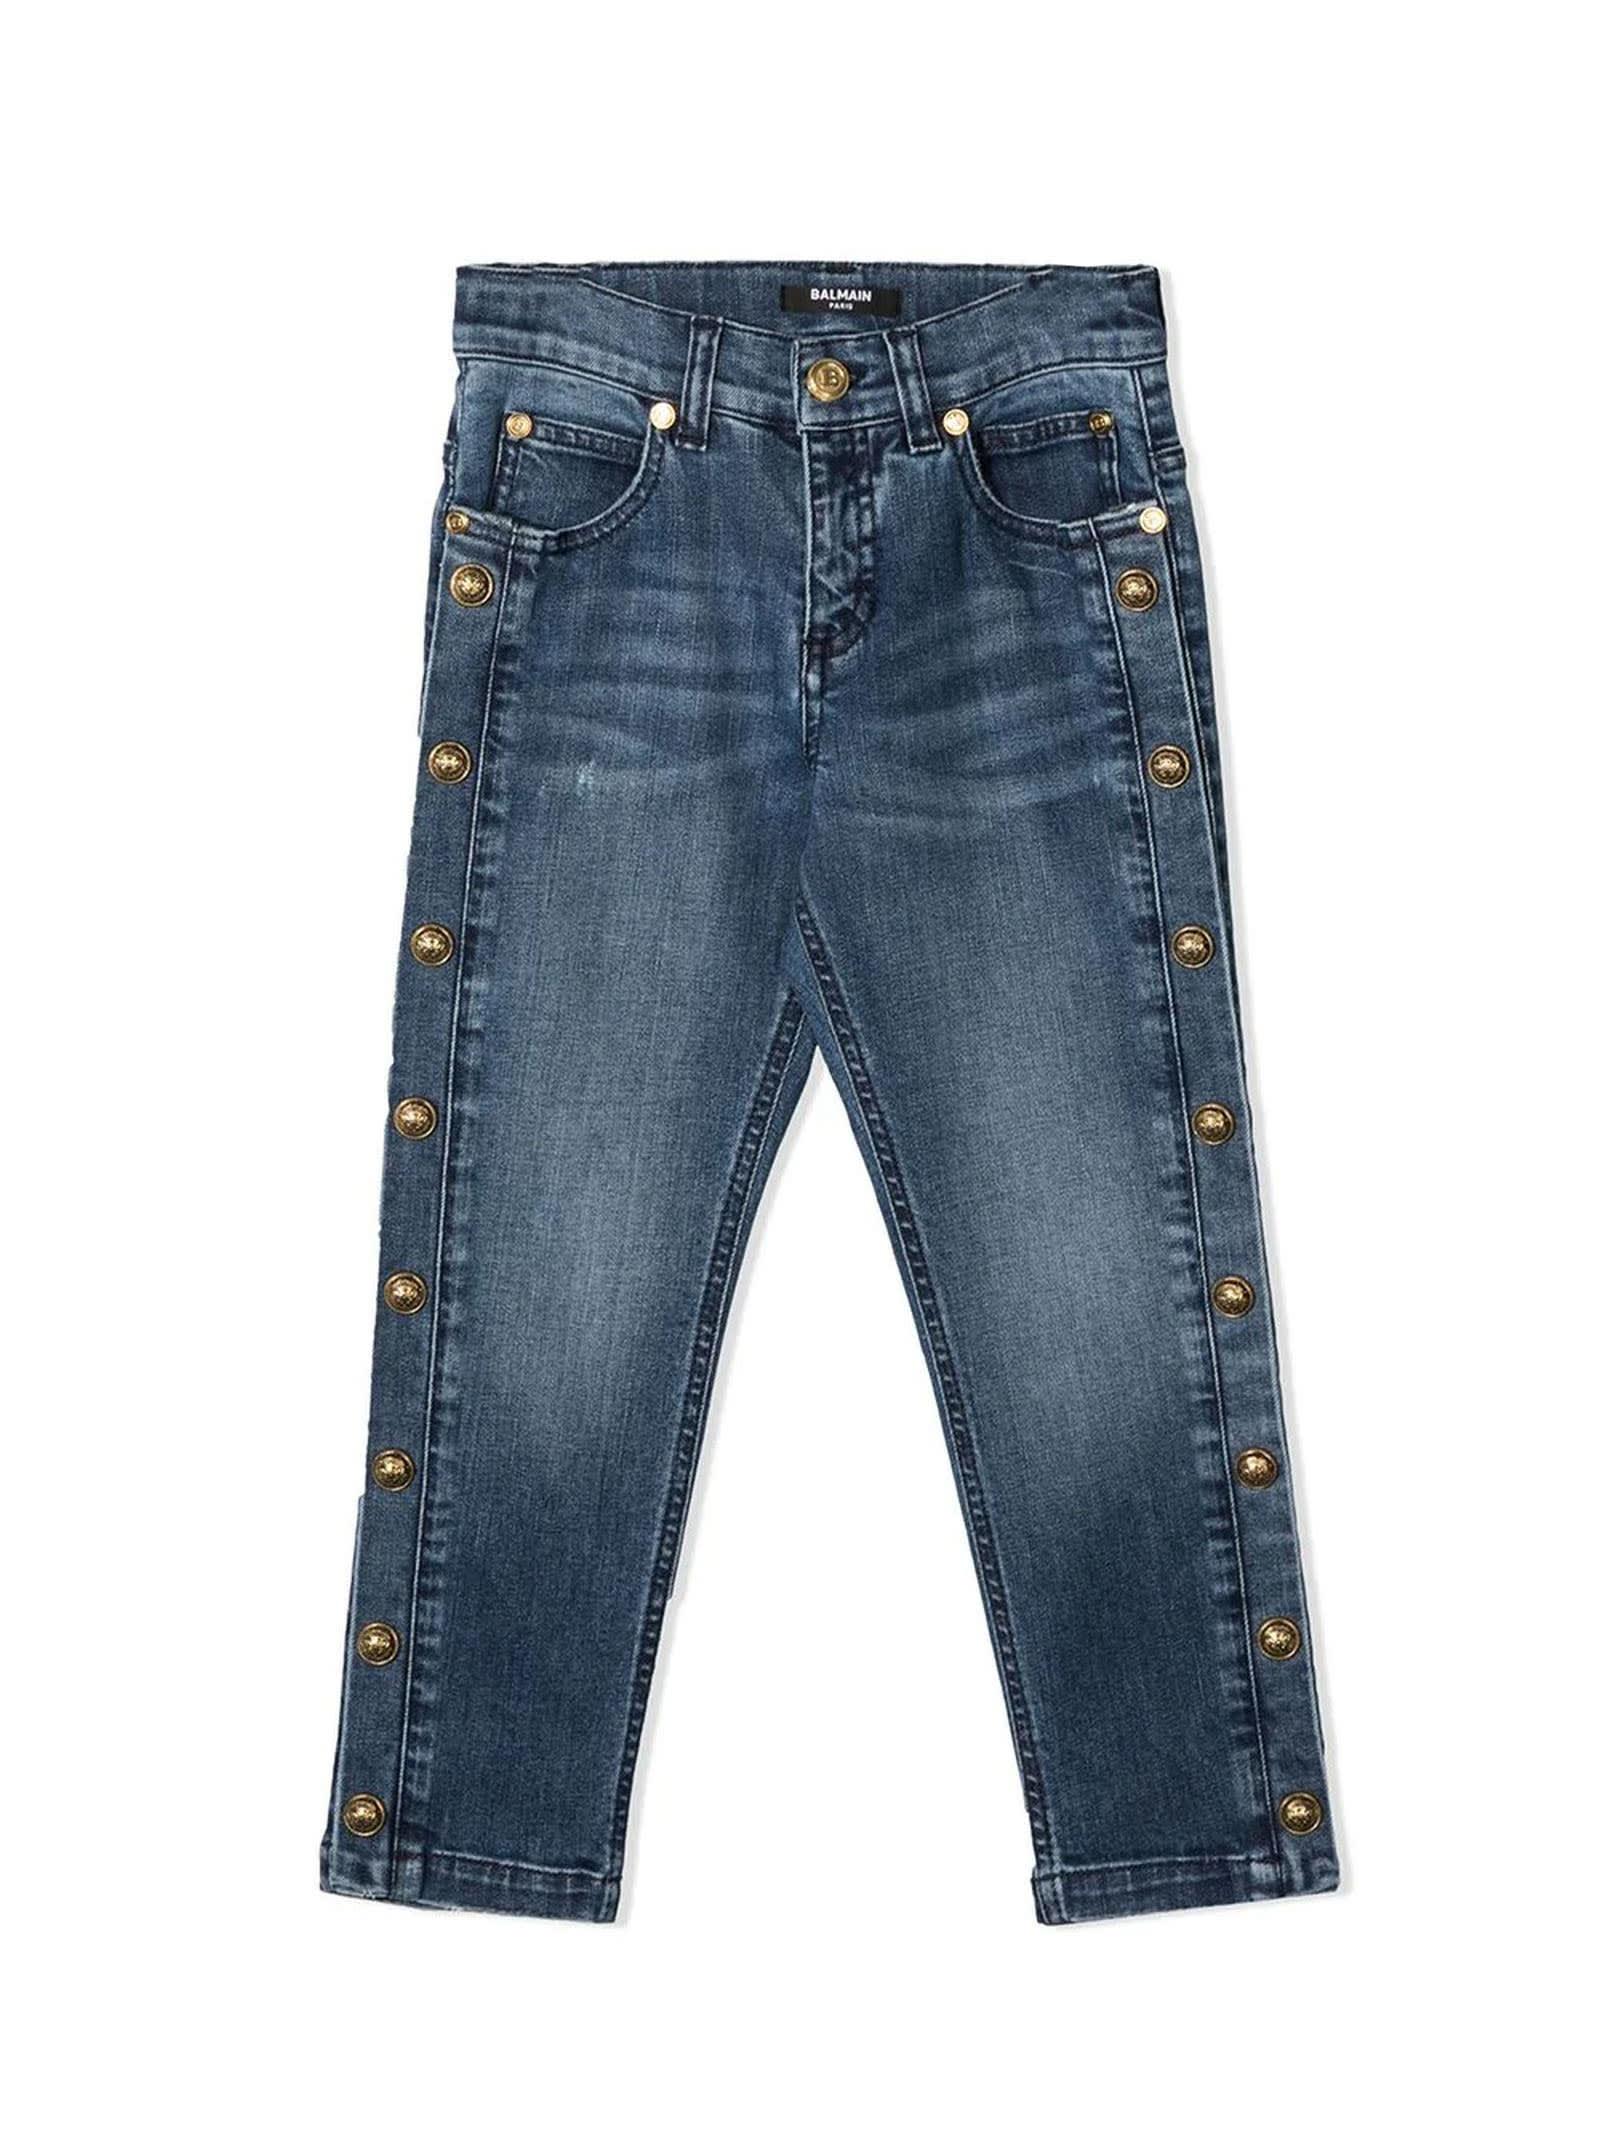 Balmain Blue Cotton Jeans